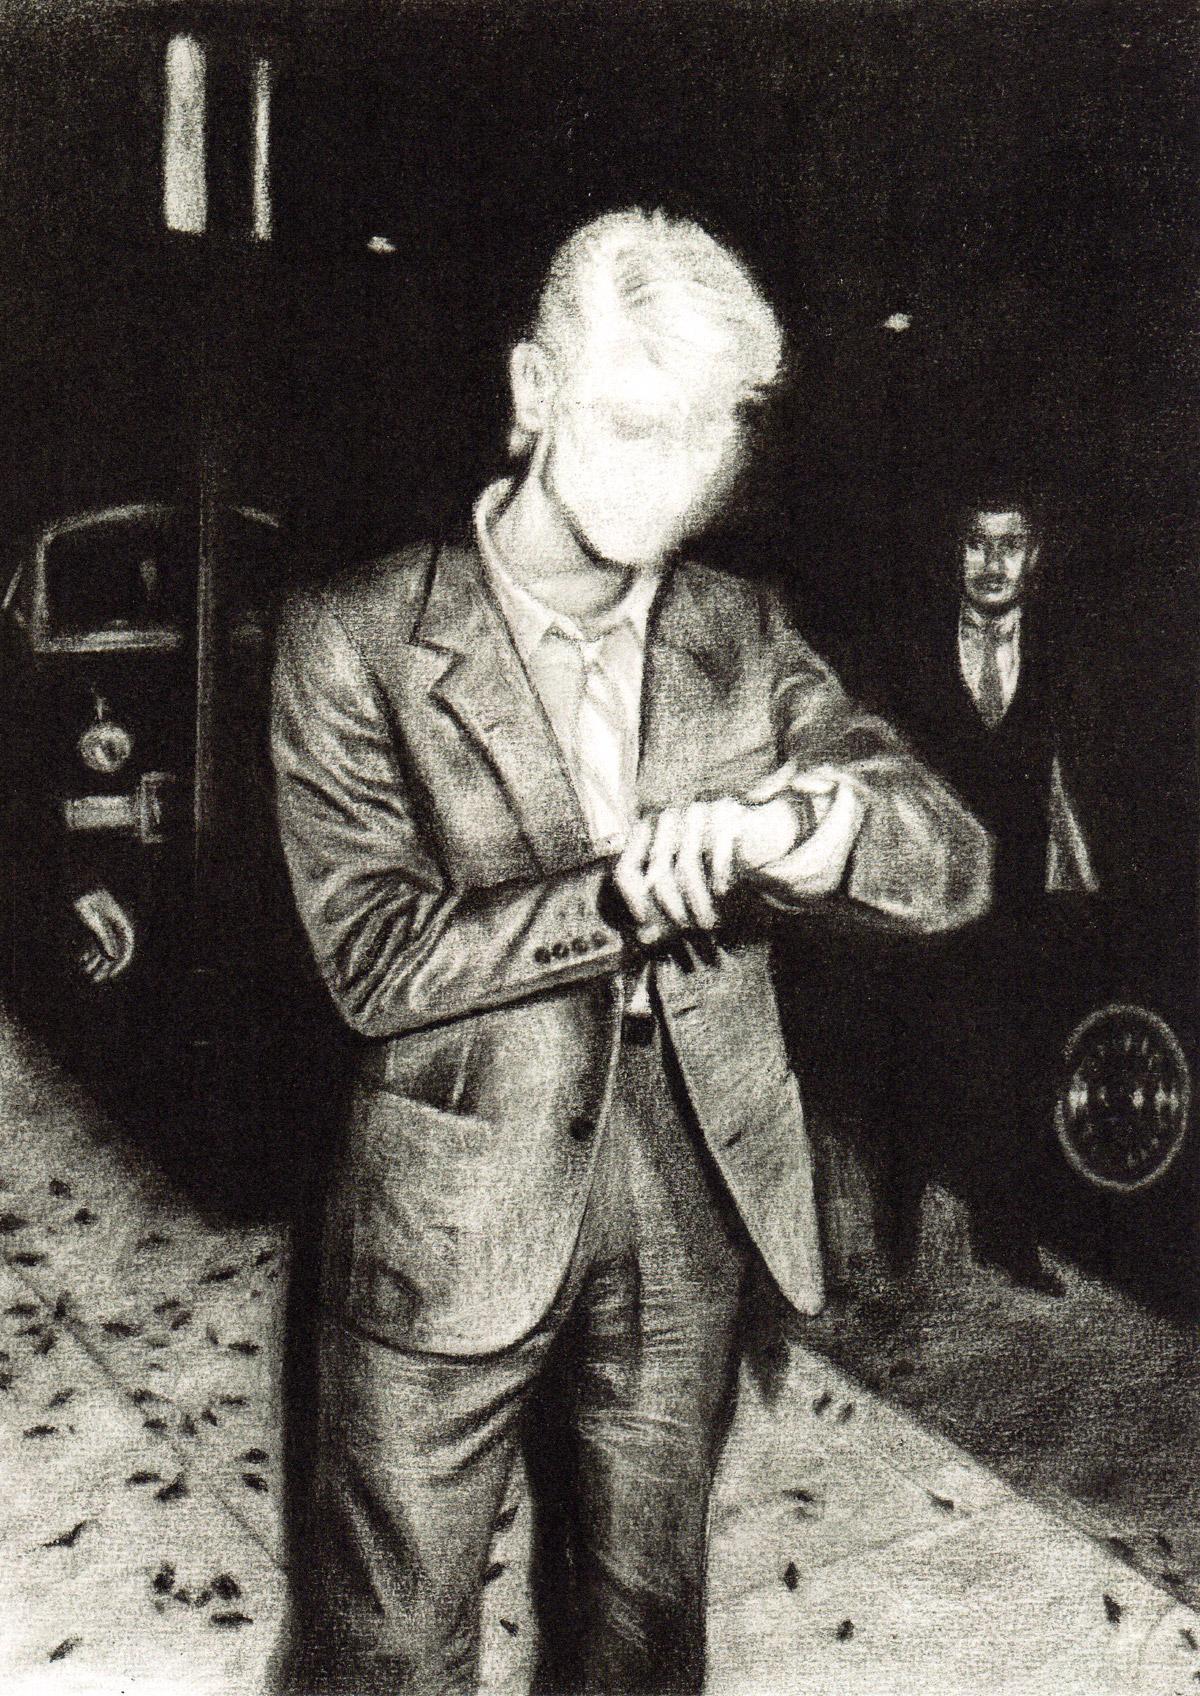 David Bowie | David Bowie | Impression numérique